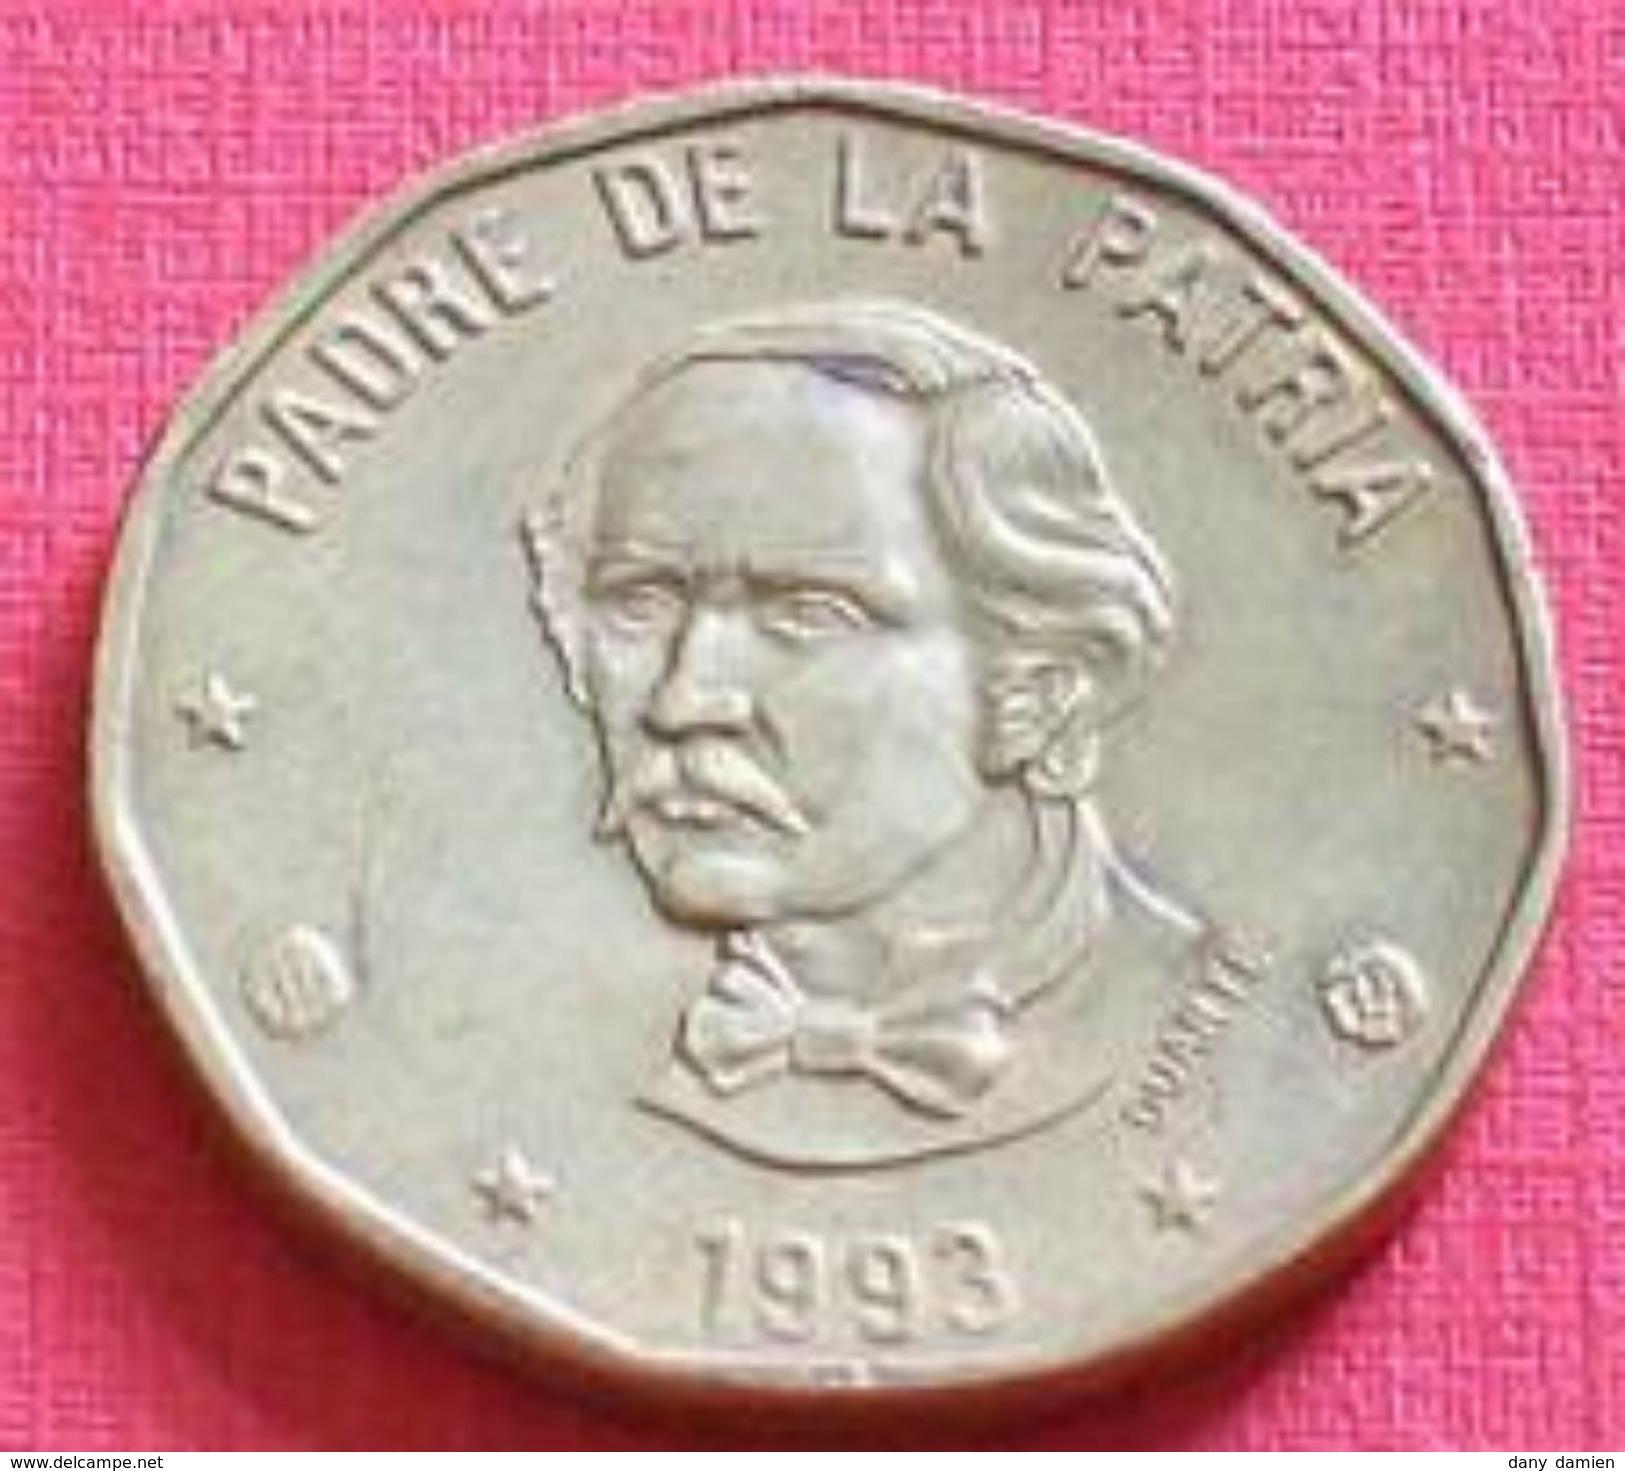 REPUBLIQUE DOMINICAINE - REPUBLIC DOMINICANA - 1 PESOS (1993) - Dominicaine